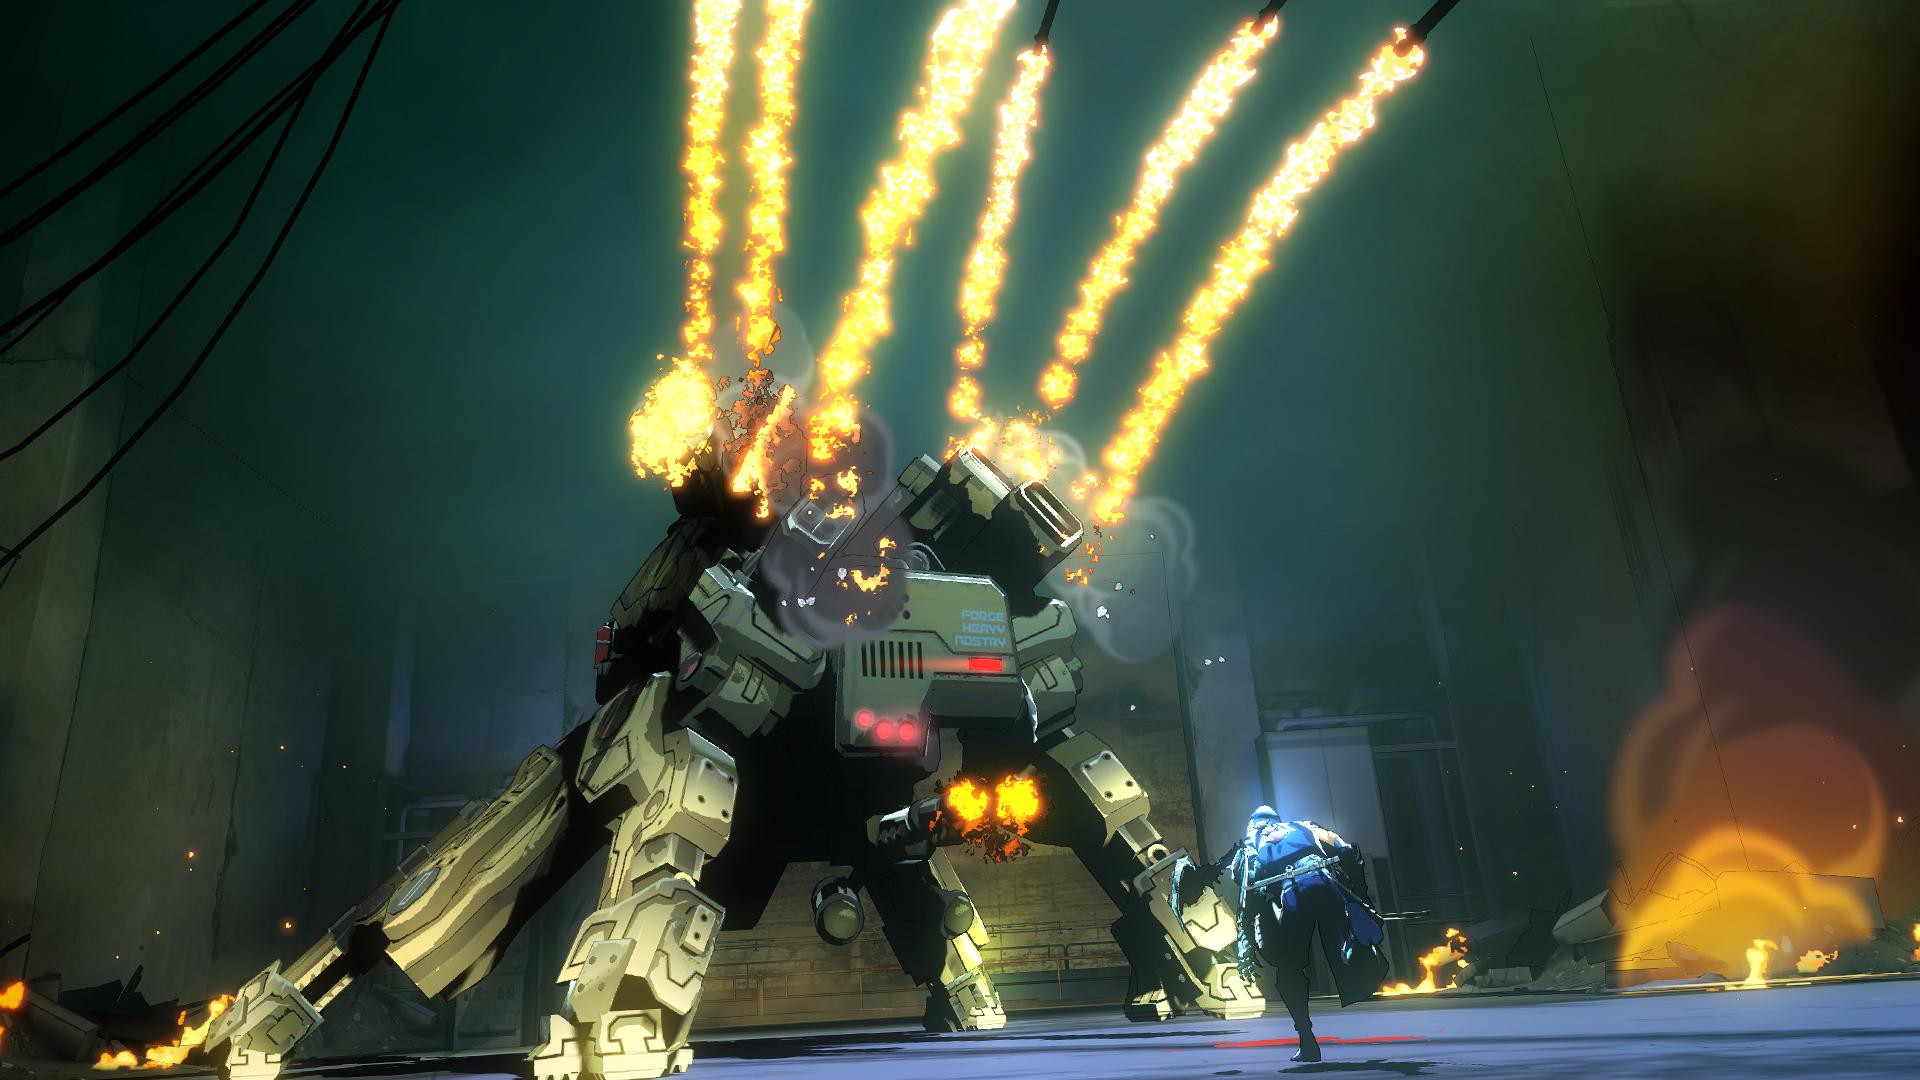 敵基地内最深部、敵は人型のゾンビだけではない……!? 鋼の装甲をもつ巨大メカへ立ち向かうヤイバ。放たれるミサイルの雨をかいくぐり突進する